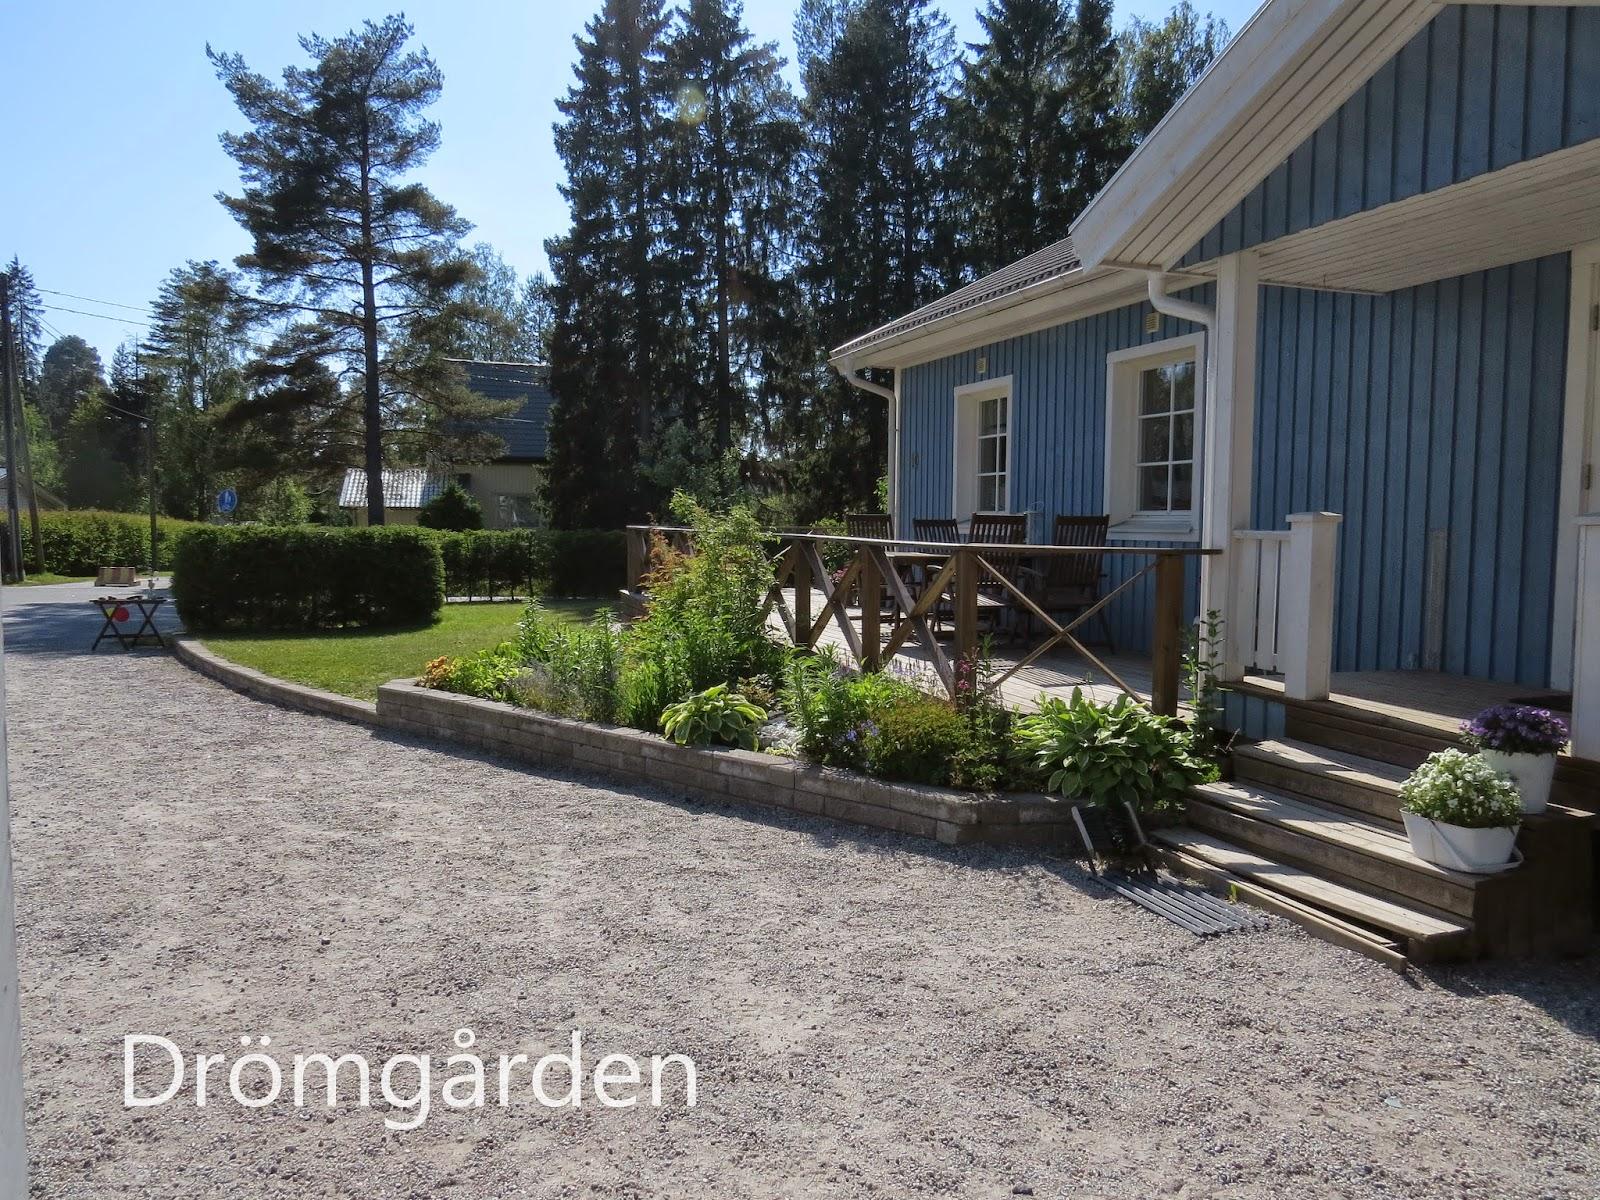 Drömgården: Öppen trädgård hos mig